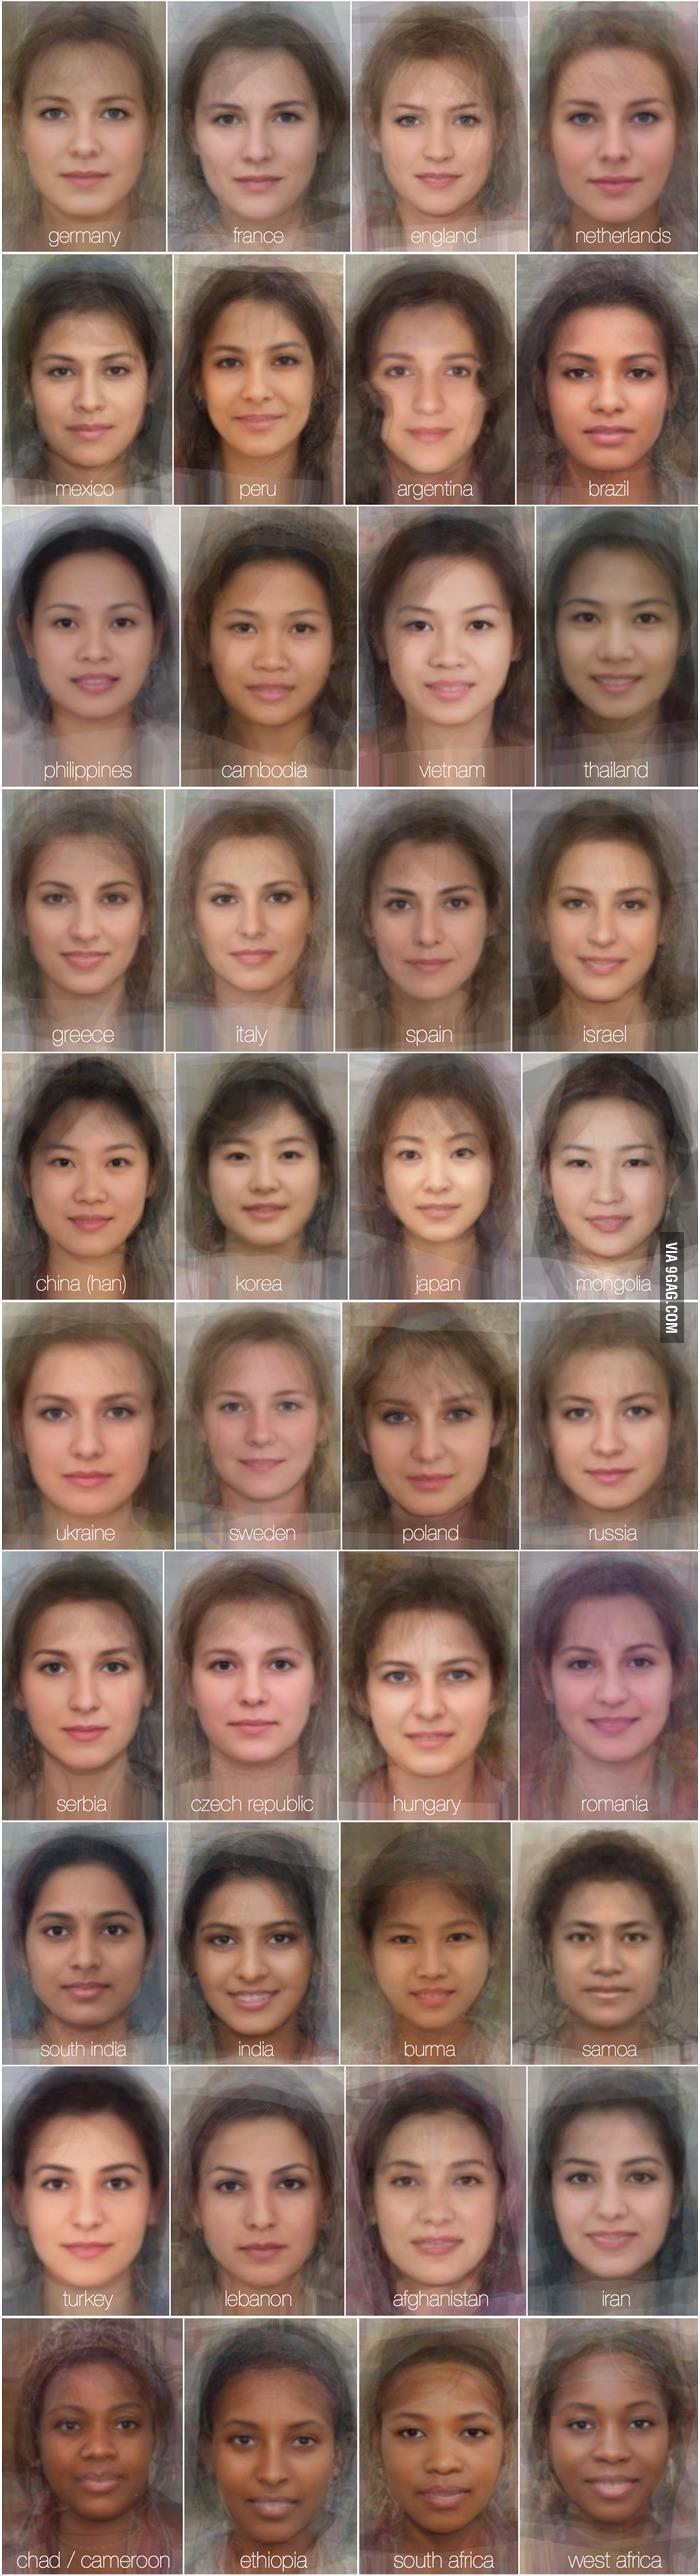 a beleza feminina ao redor do mundo